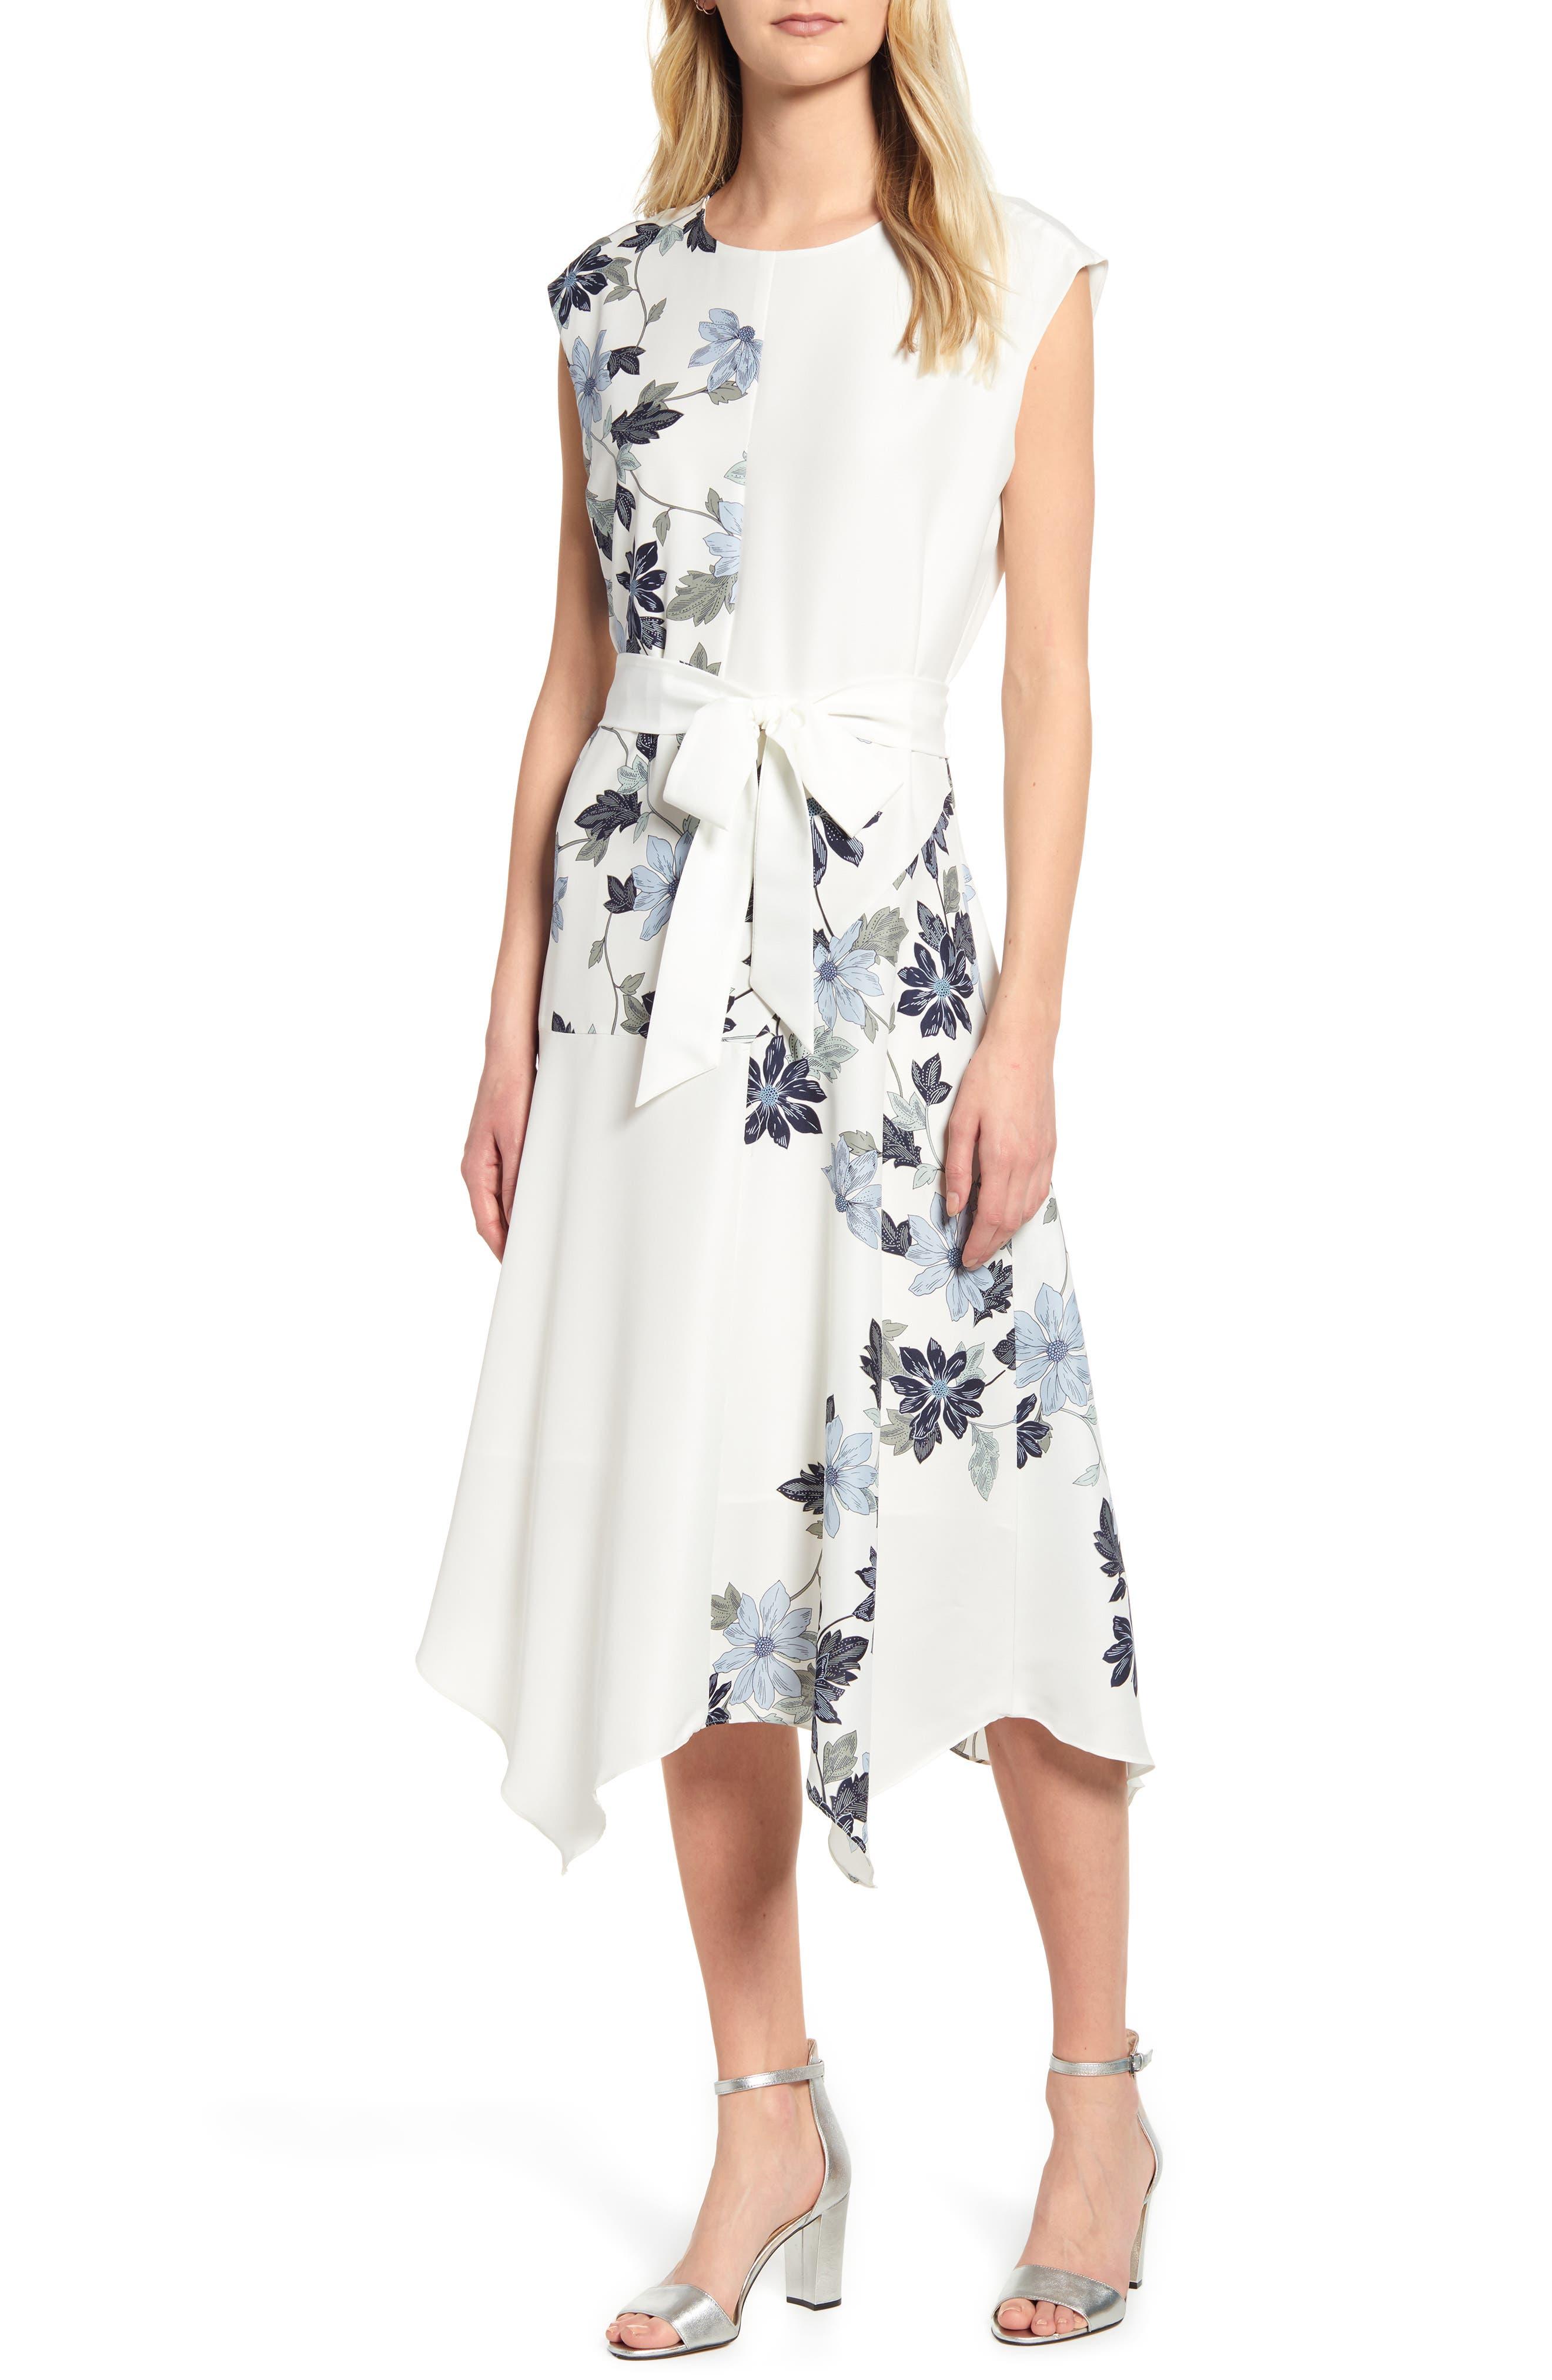 Vince Camuto Floral Vines Belted Dress, Ivory